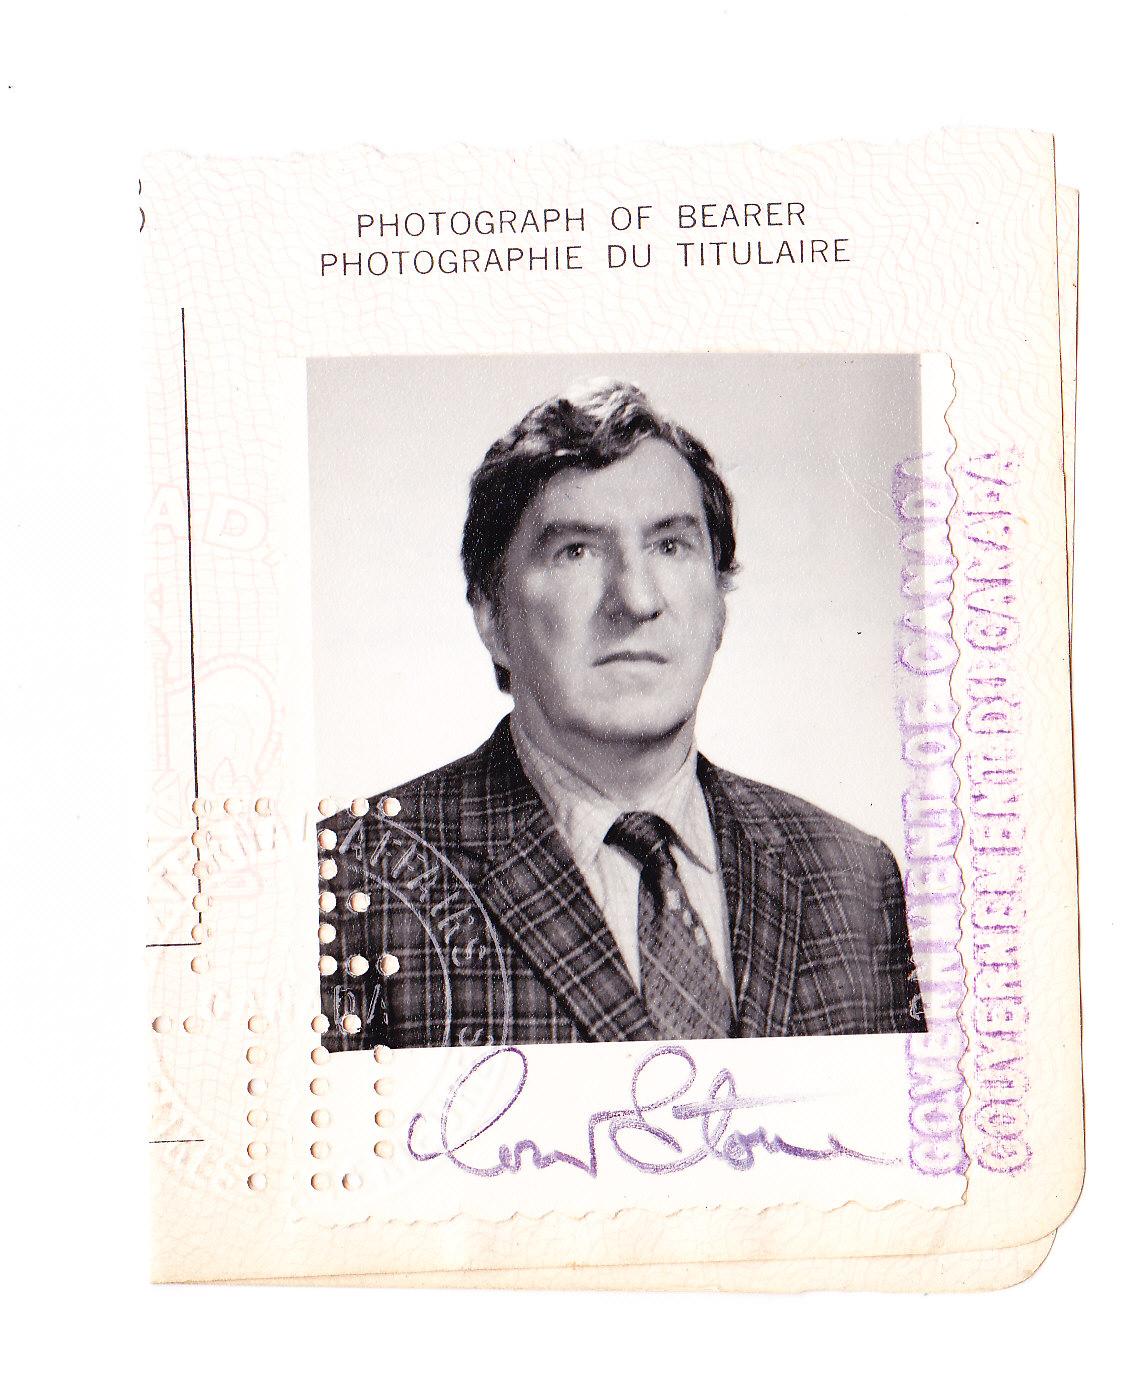 Passport photo, circa 1970's